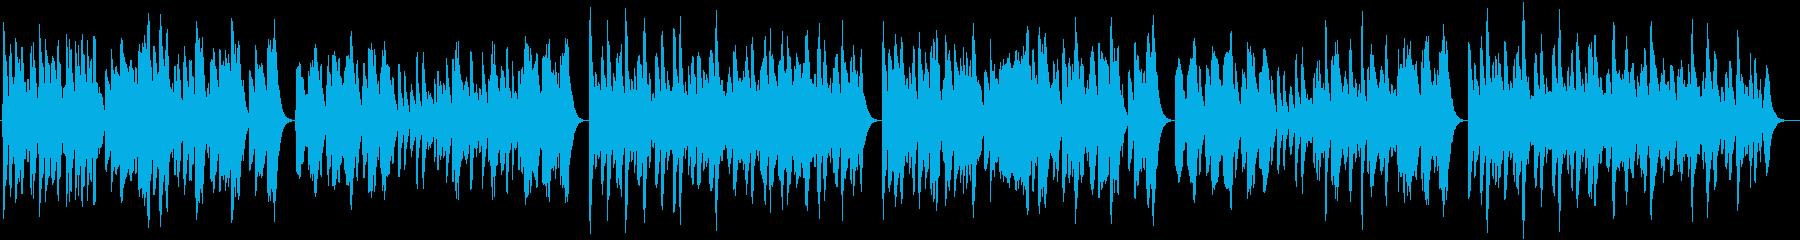 可愛らしいオルゴールのワルツの再生済みの波形